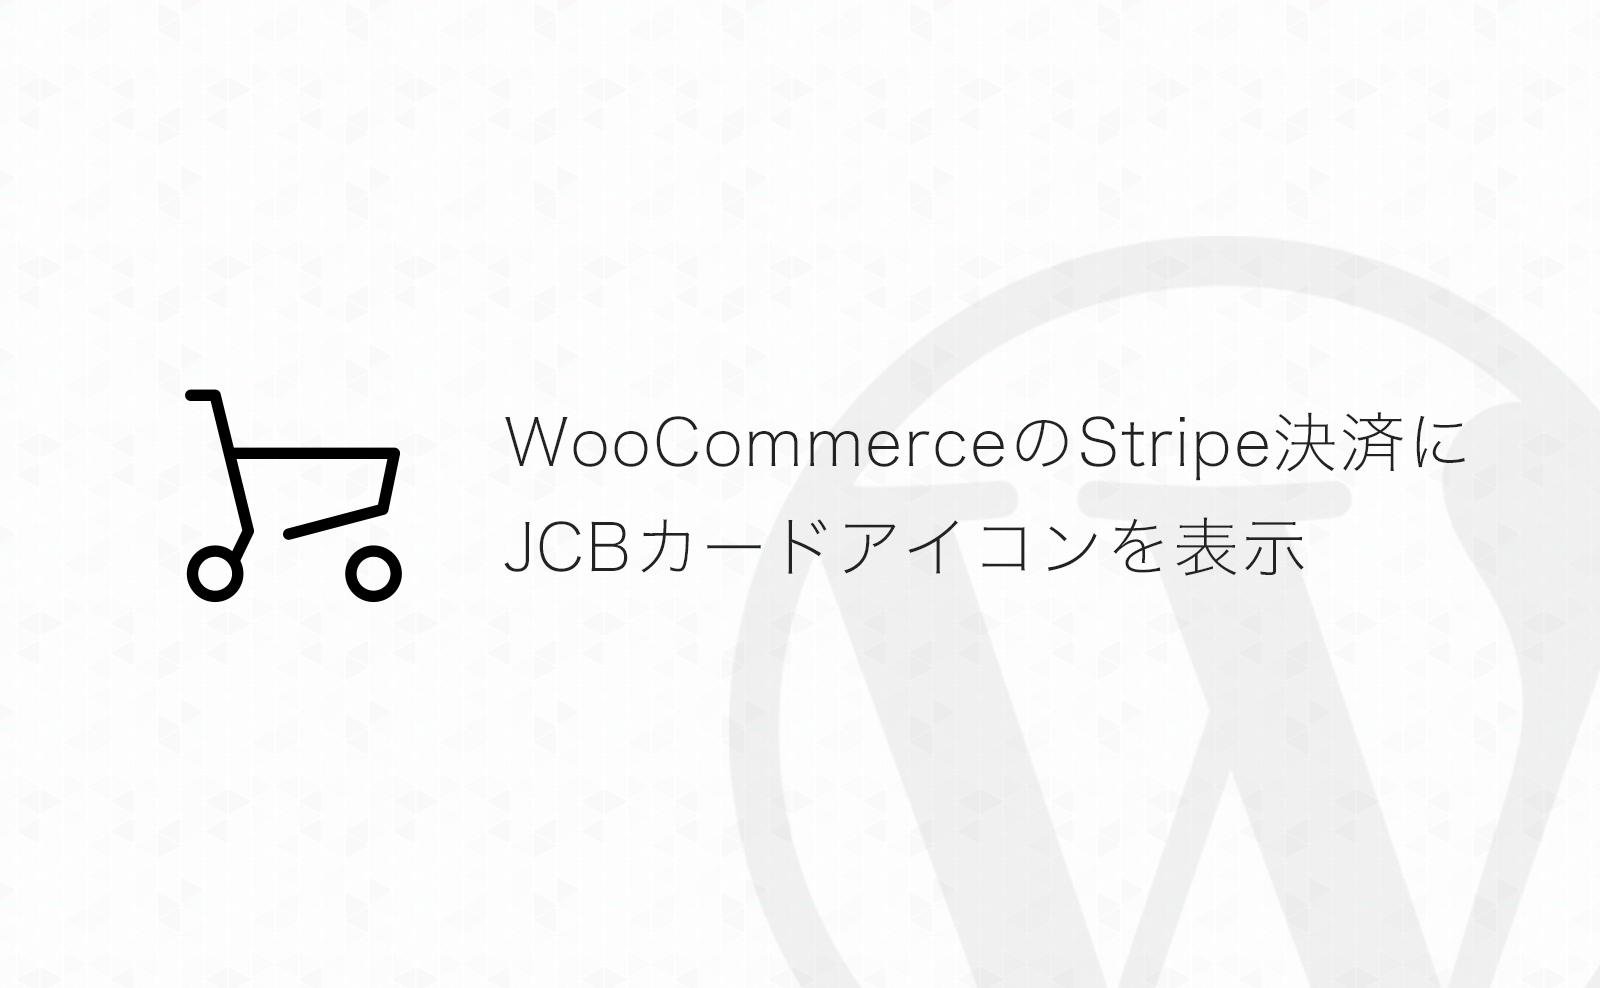 【WooCommerce】Stripe決済画面にJCBカードのアイコンを追加するカスタマイズ